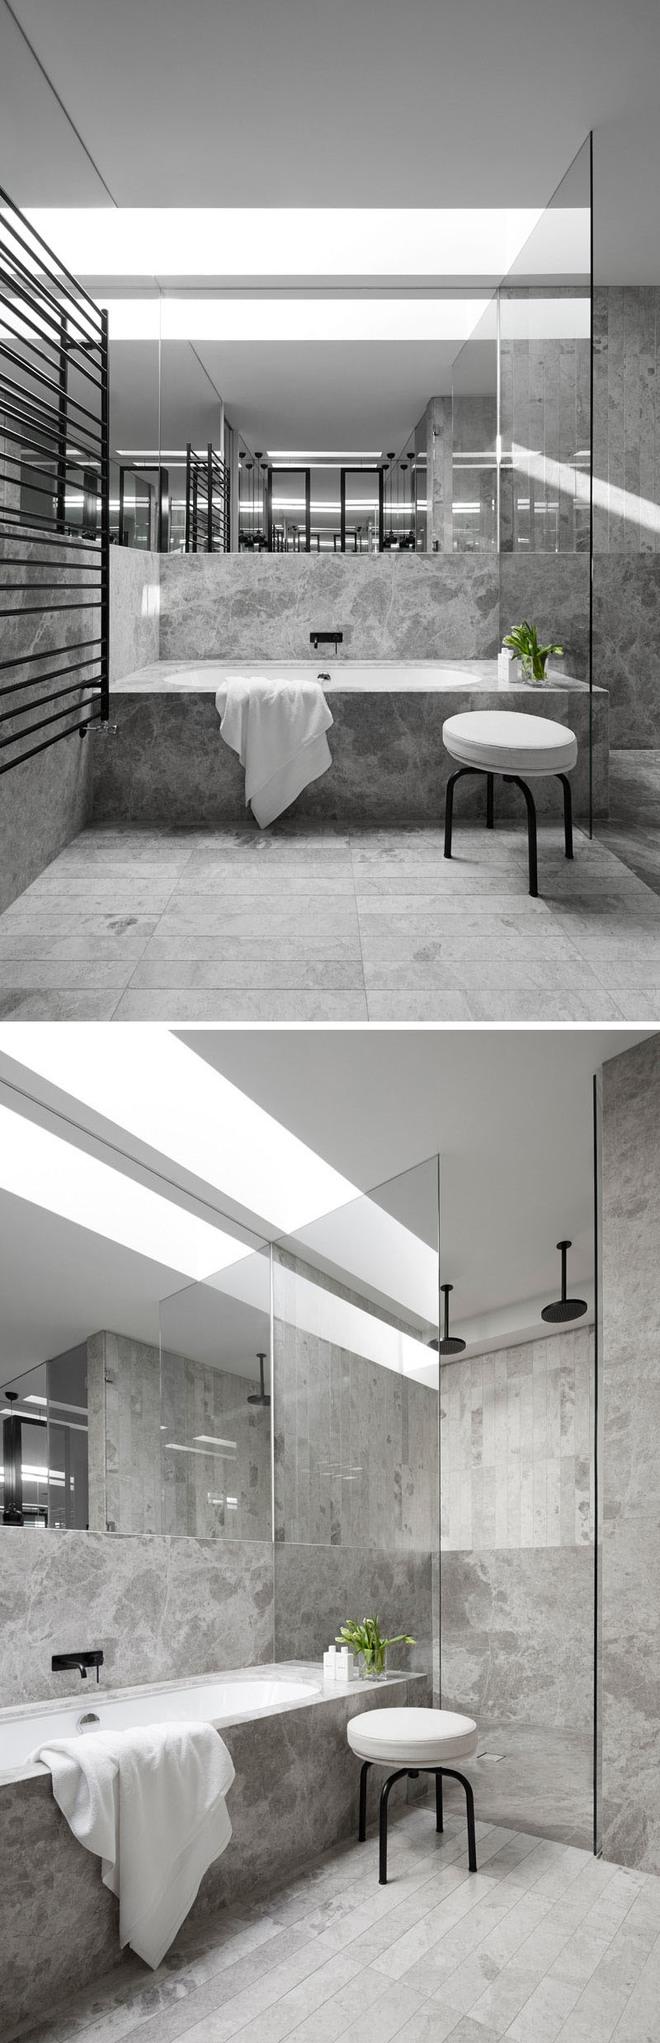 5 cách làm nhà tắm đẹp lên tức khắc nhờ đá cẩm thạch - Ảnh 1.